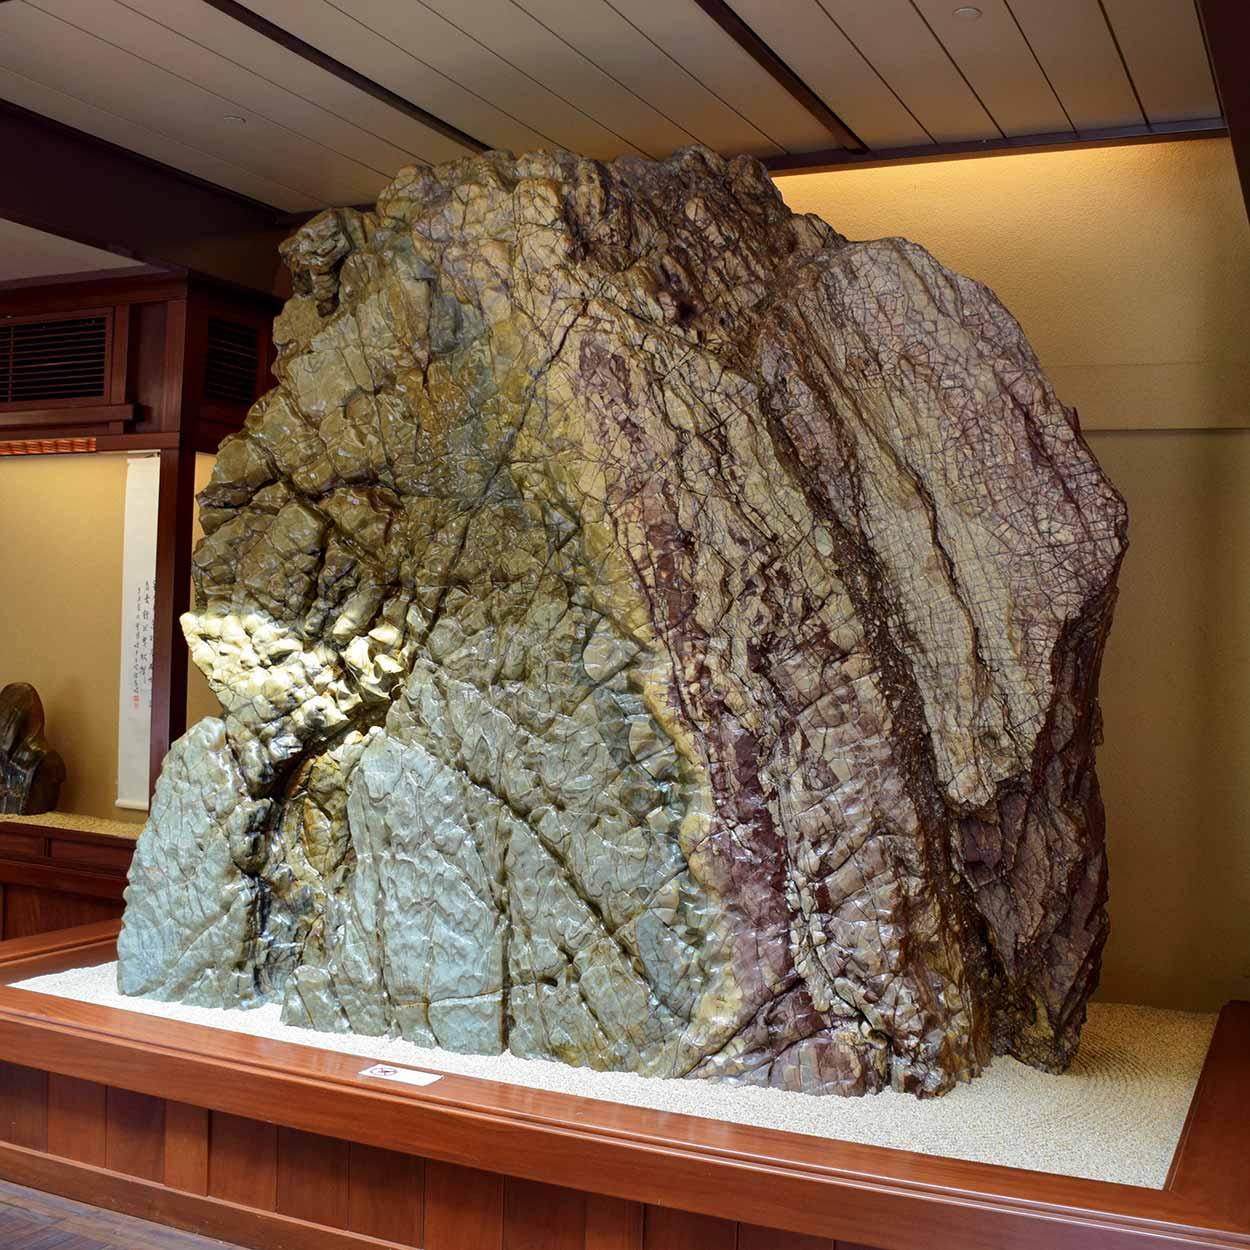 Huge rock in the rockery, Nan Lian Garden, Hong Kong, China